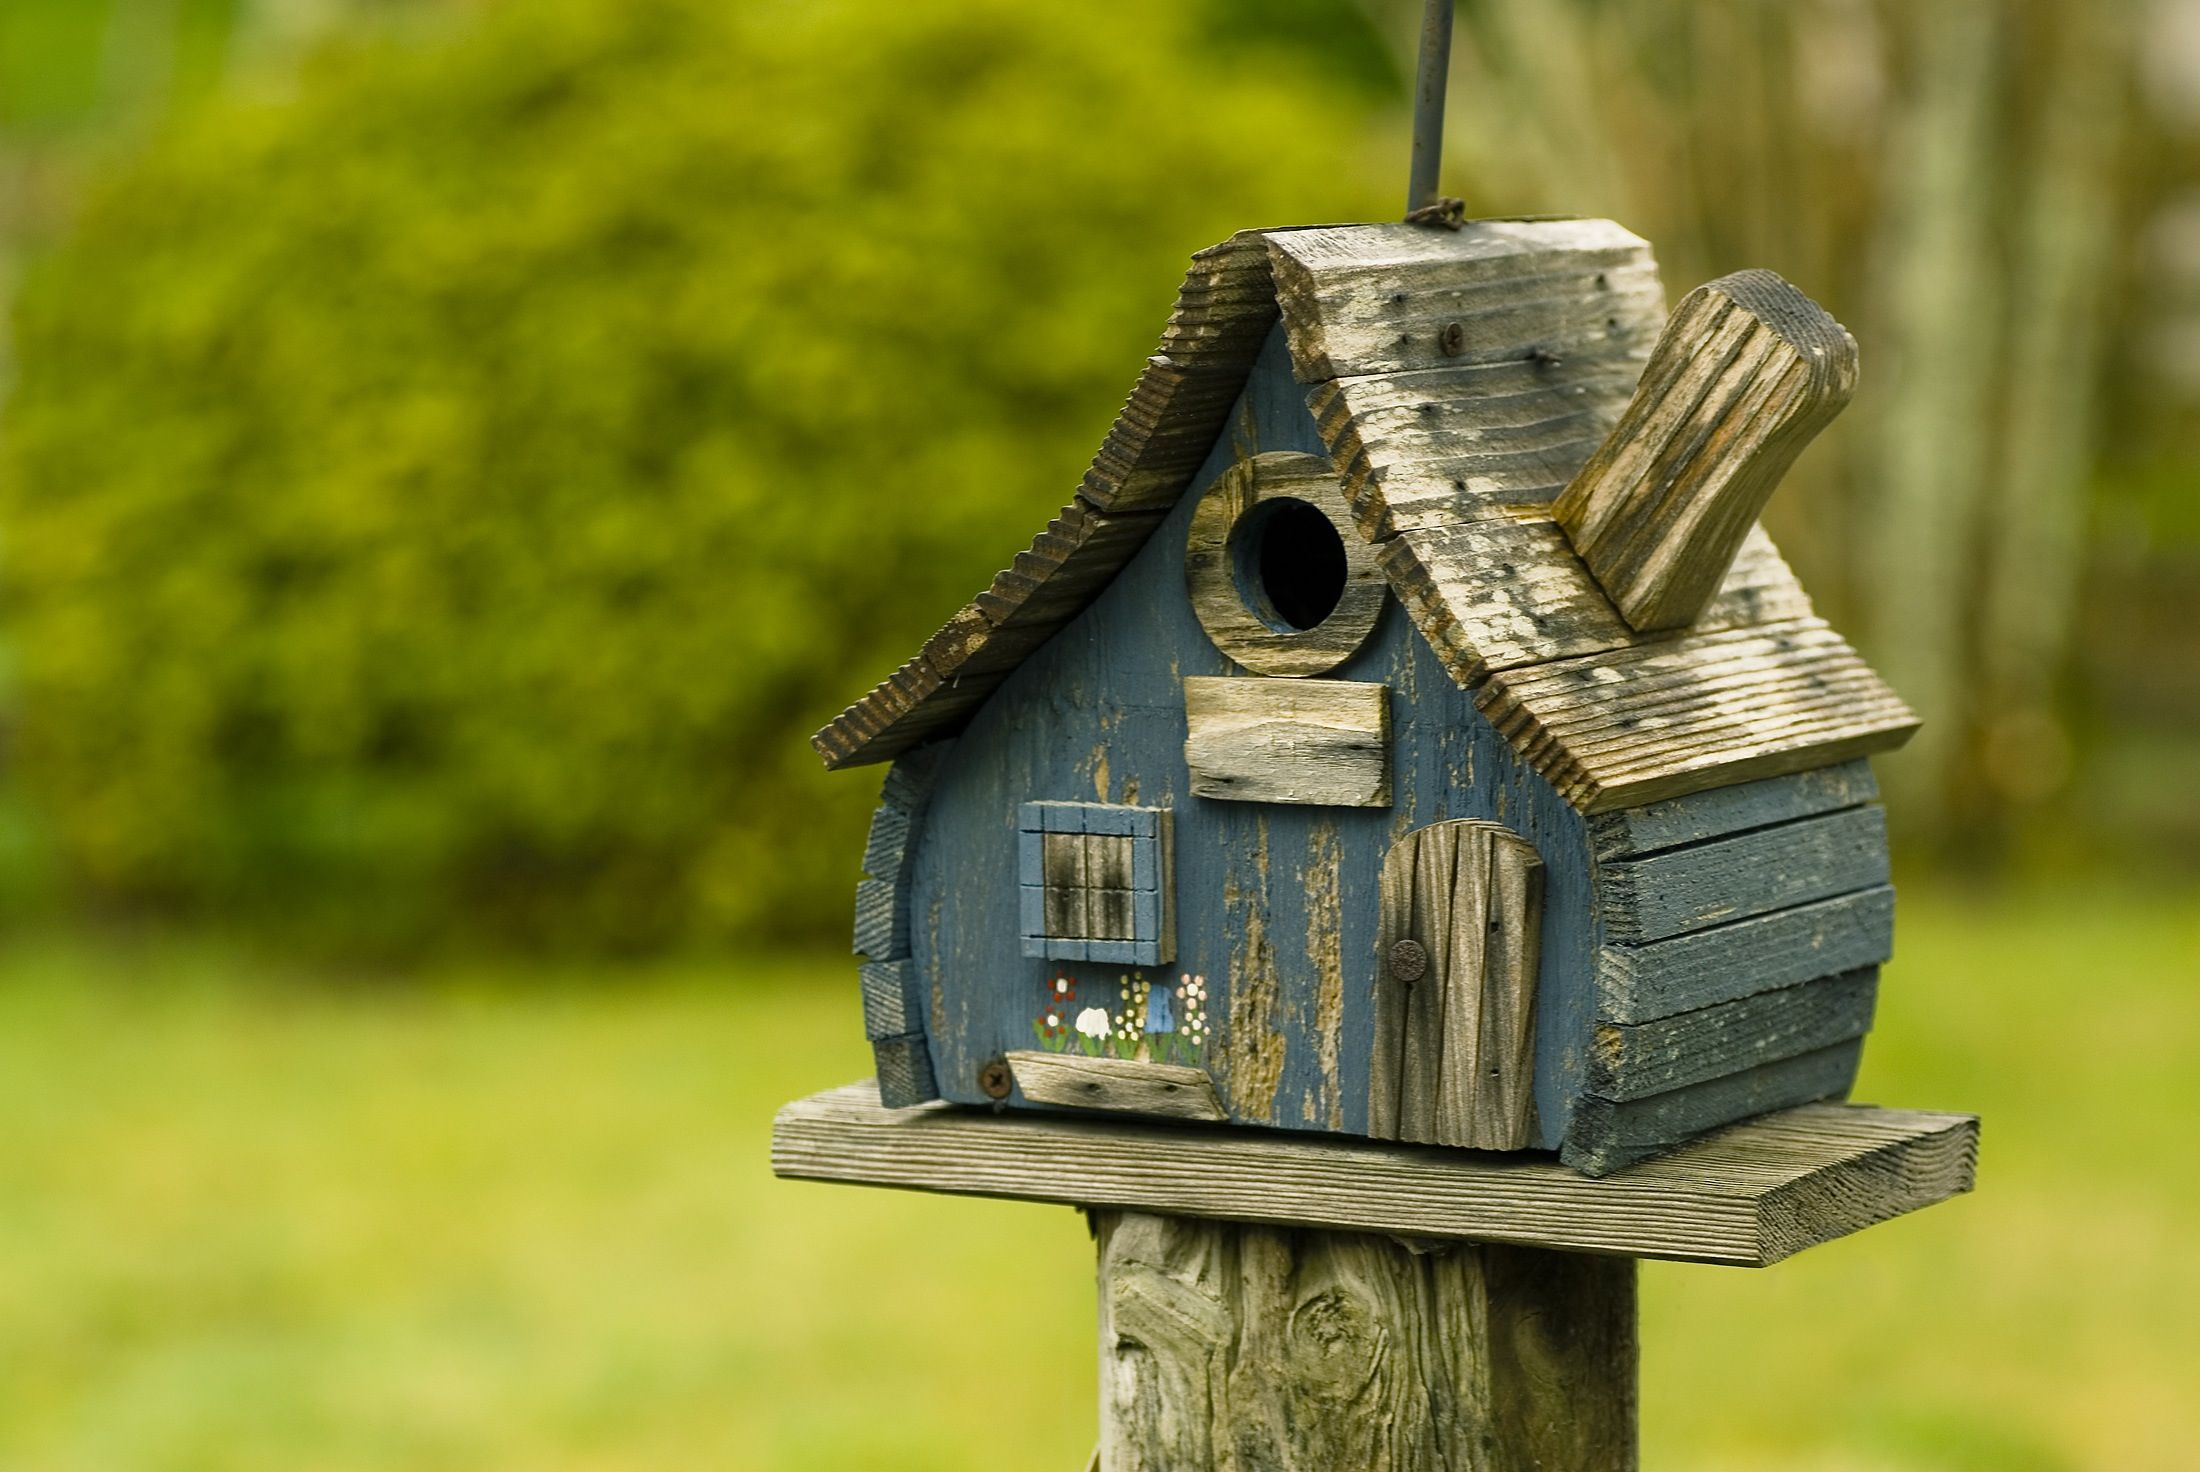 Pin By Paul Ledrew On Birdhouses Bird Houses House